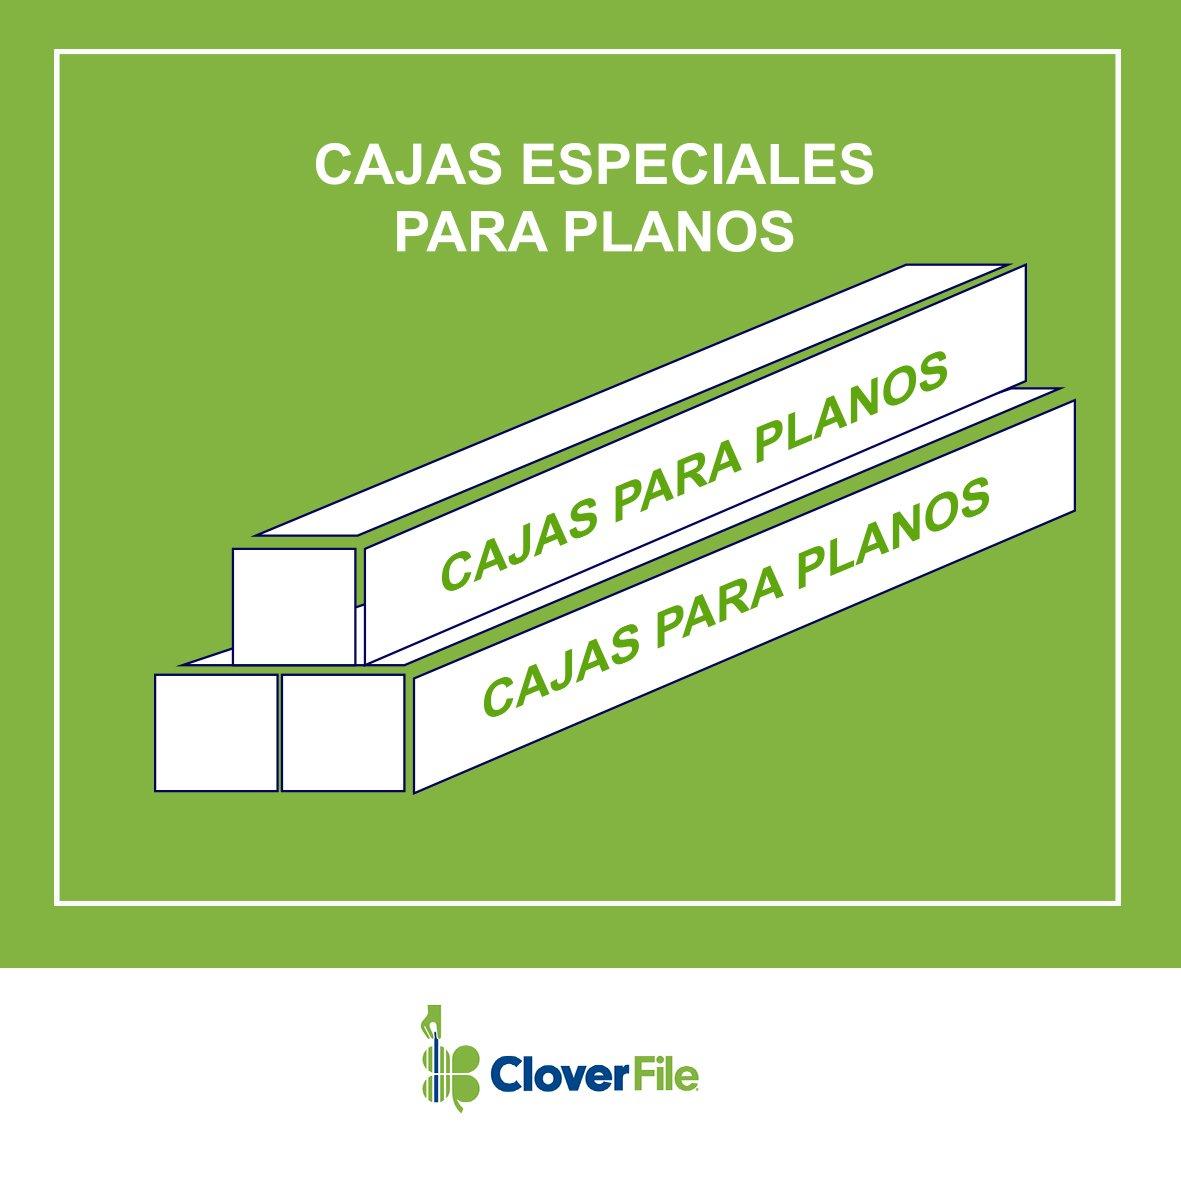 Si quieres proteger tus archivos planos nuestras cajas son ideales. ¡Contáctanos! #CloverFile https://t.co/SLoCW25dbl